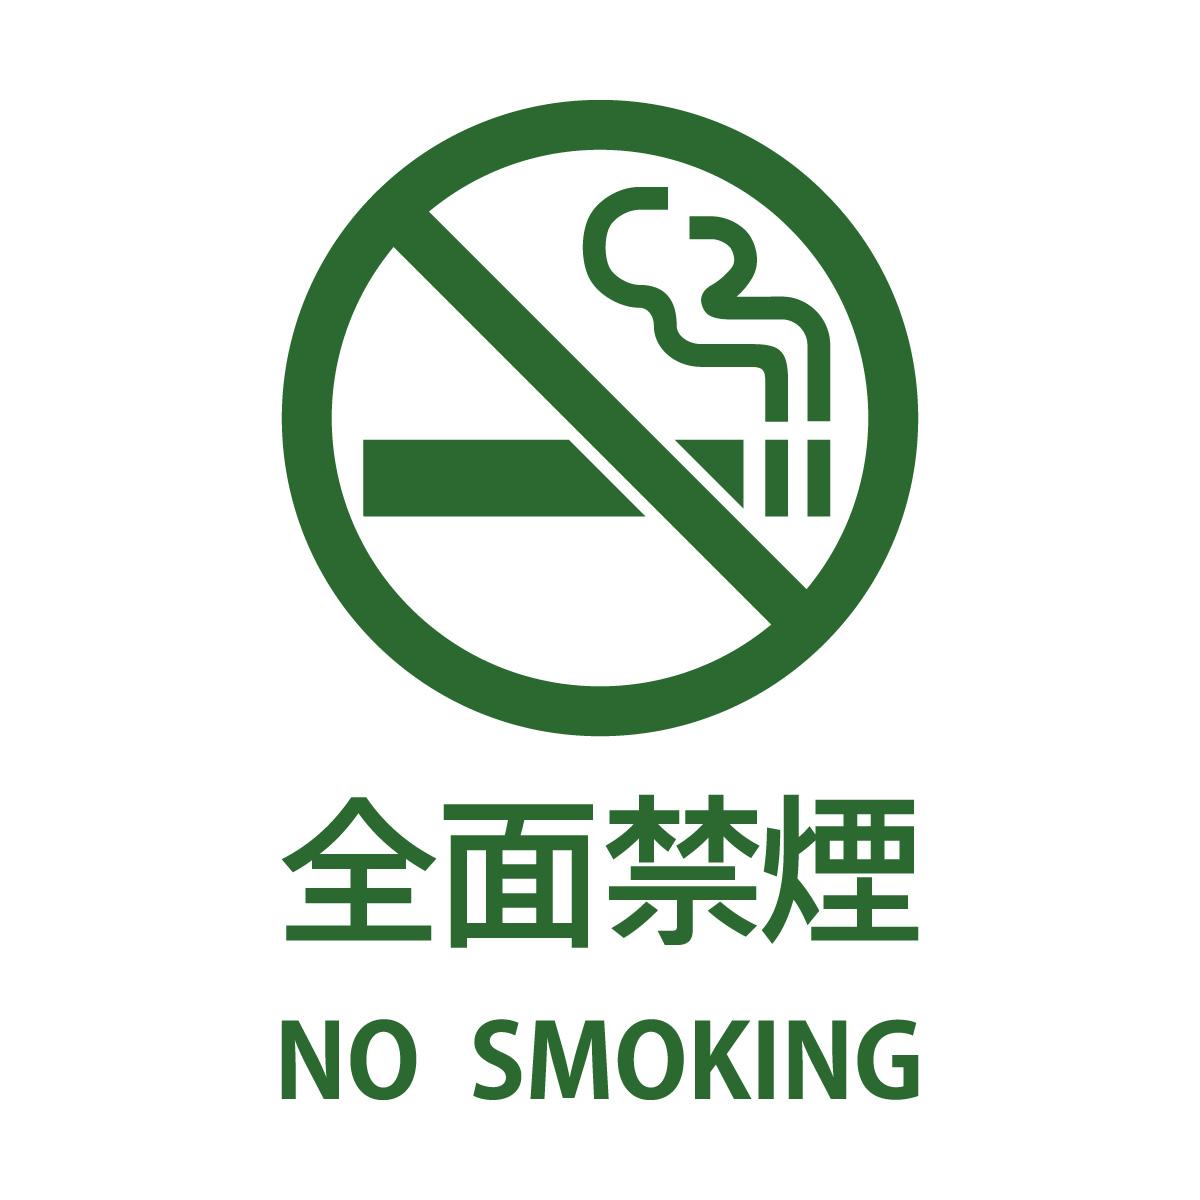 緑色の禁煙 シール ステッカー(全面禁煙 NO SMOKING テキスト付き)のカッティングステッカー・シール